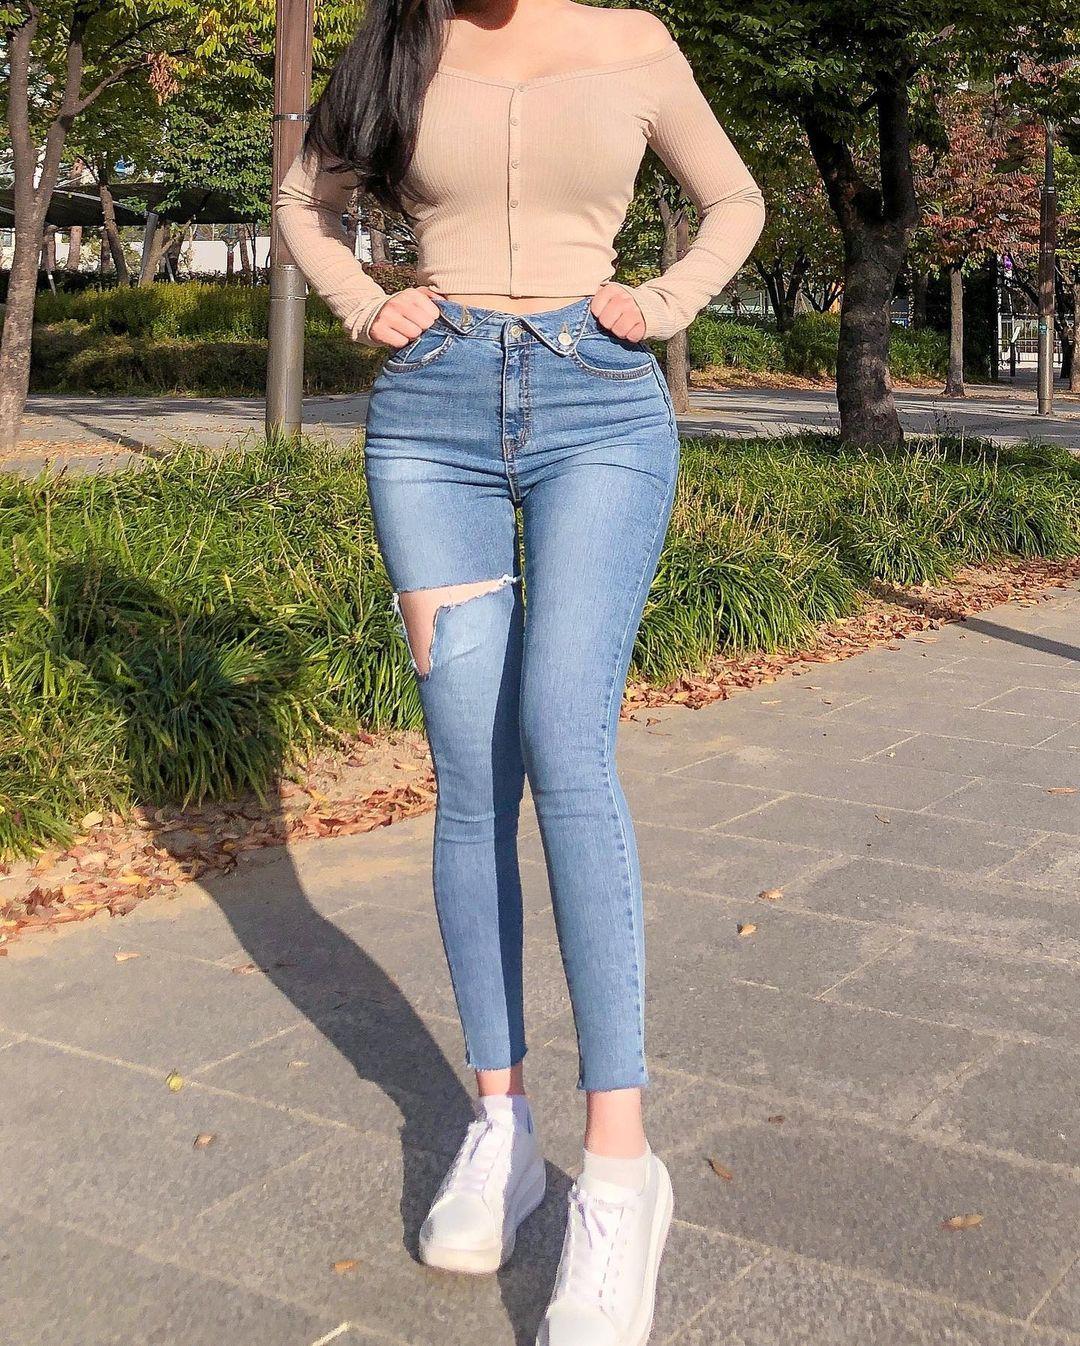 清凉穿着自己卖 [韩国泳衣阙娘Yebin]亲自试穿性感度满点 养眼图片 第24张